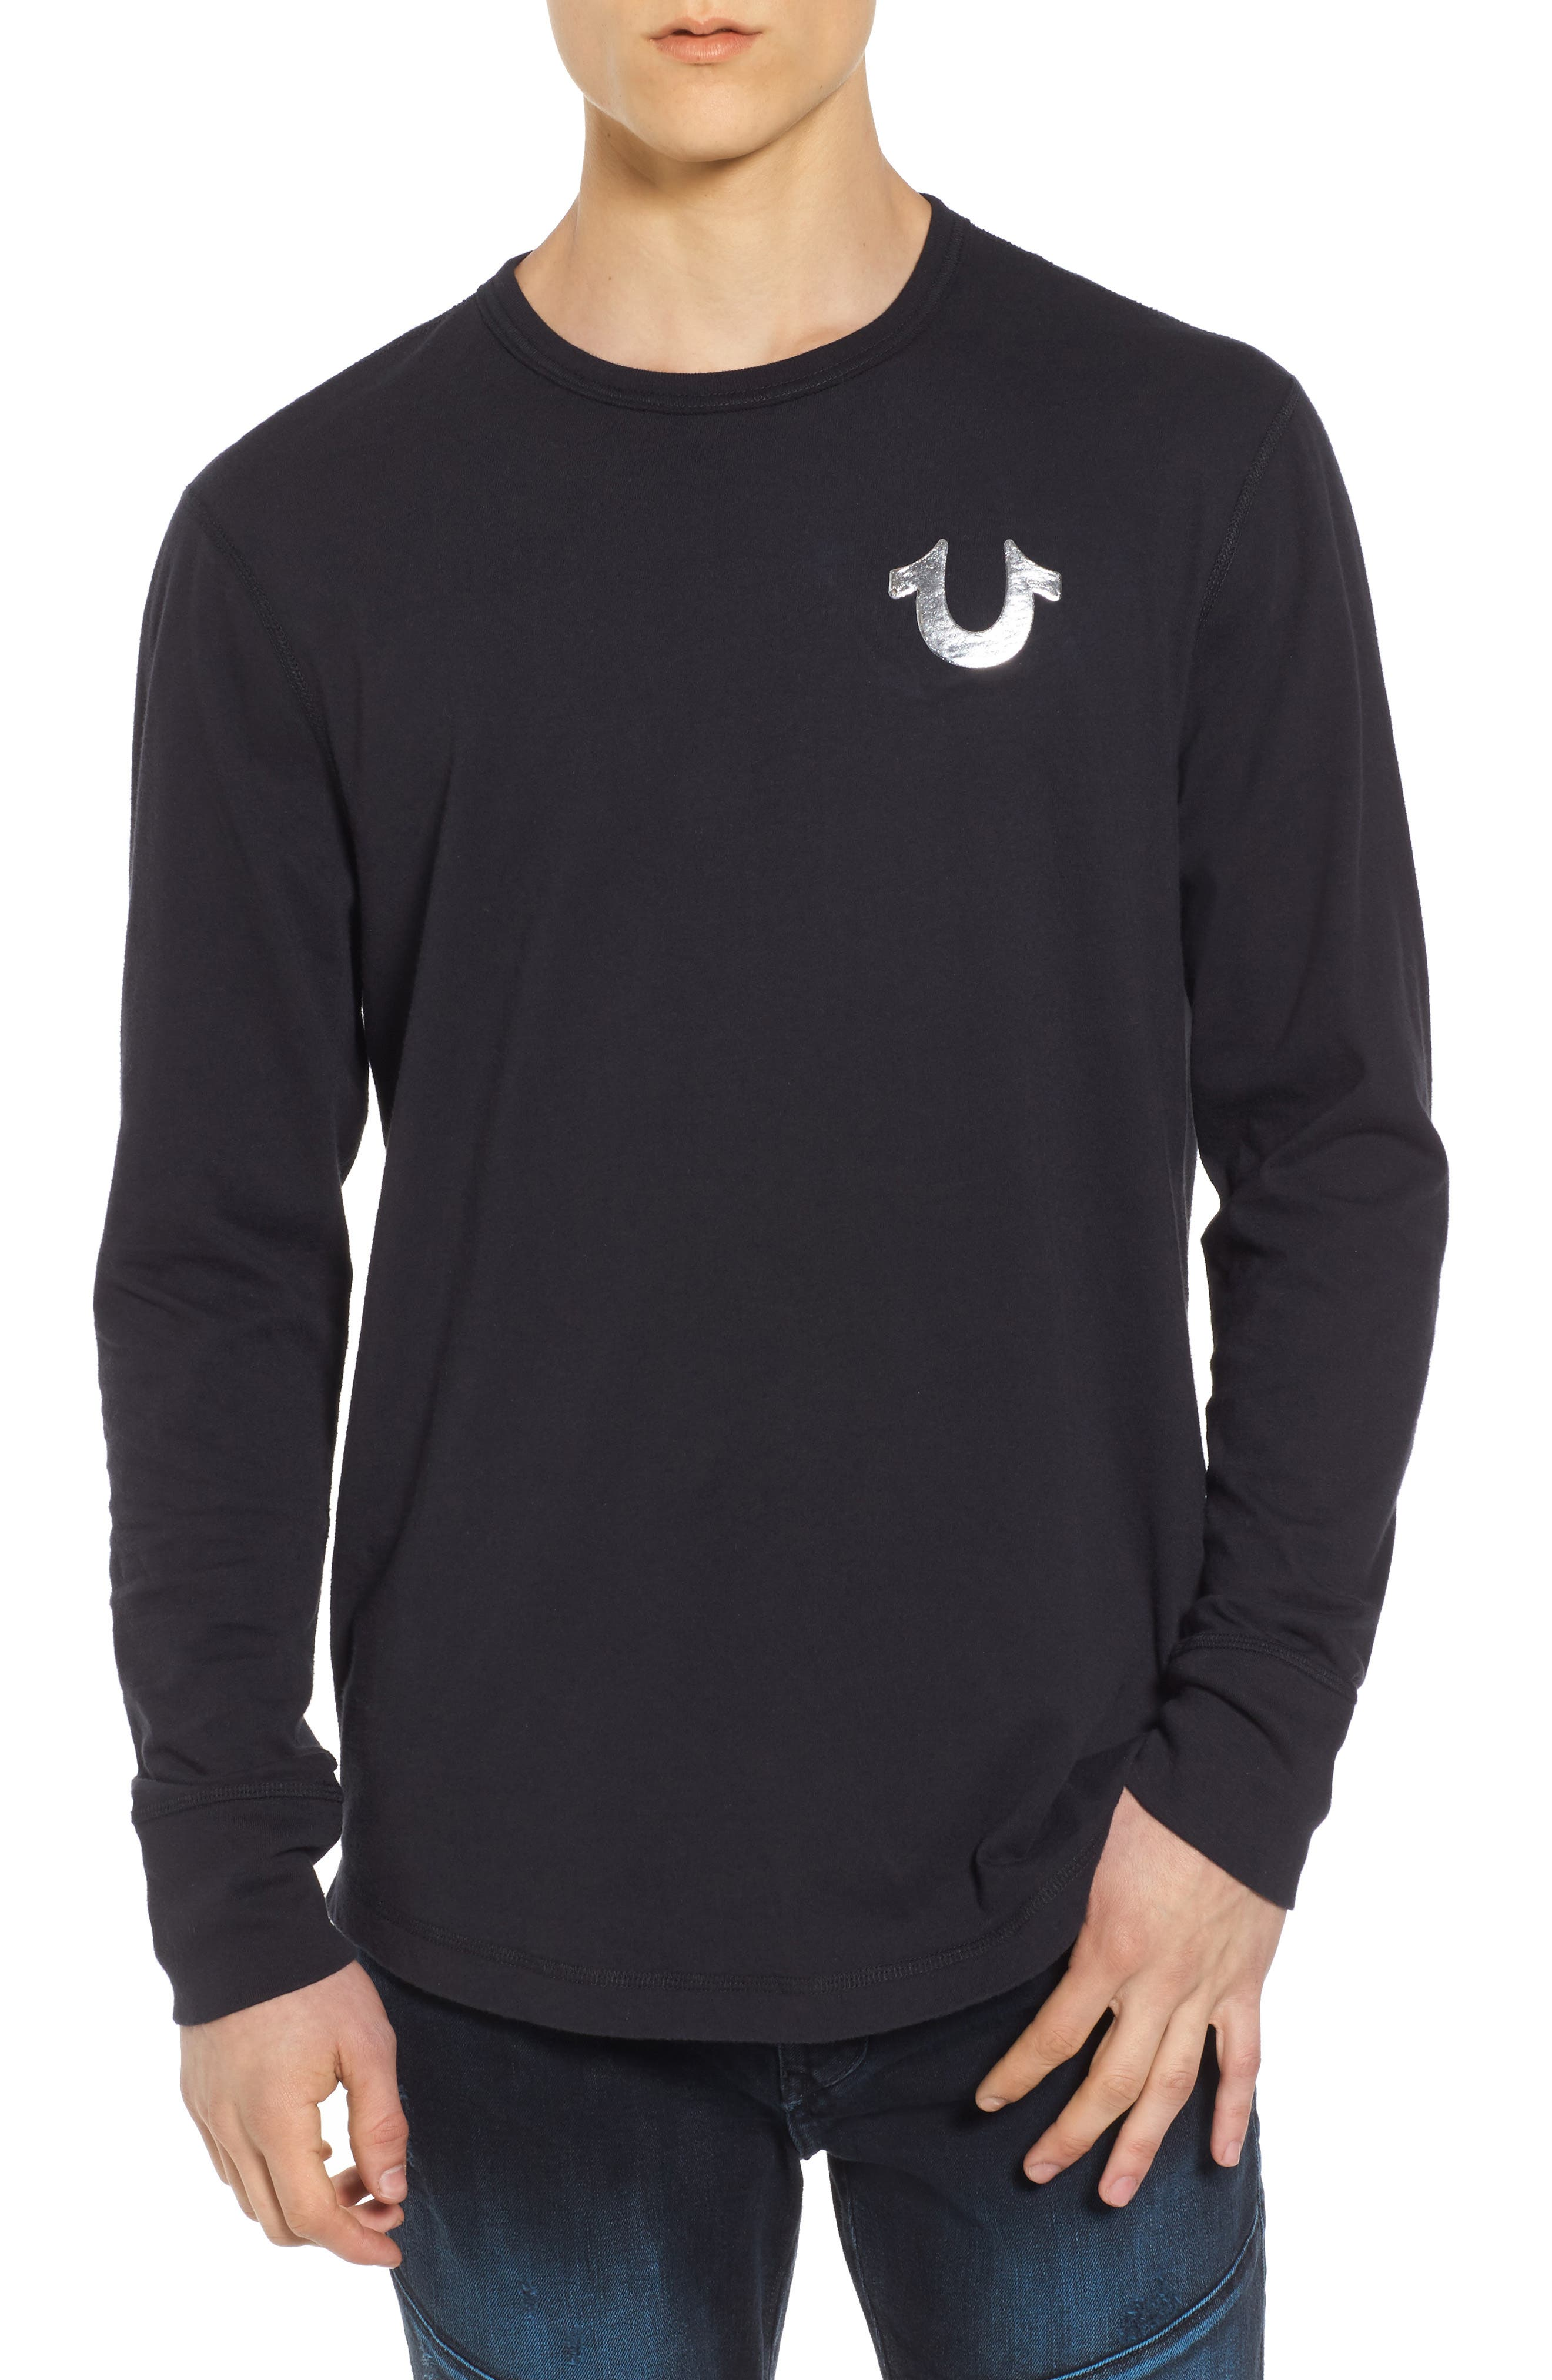 True Religion Core Metallic T-Shirt,                         Main,                         color, Black W/ Silver